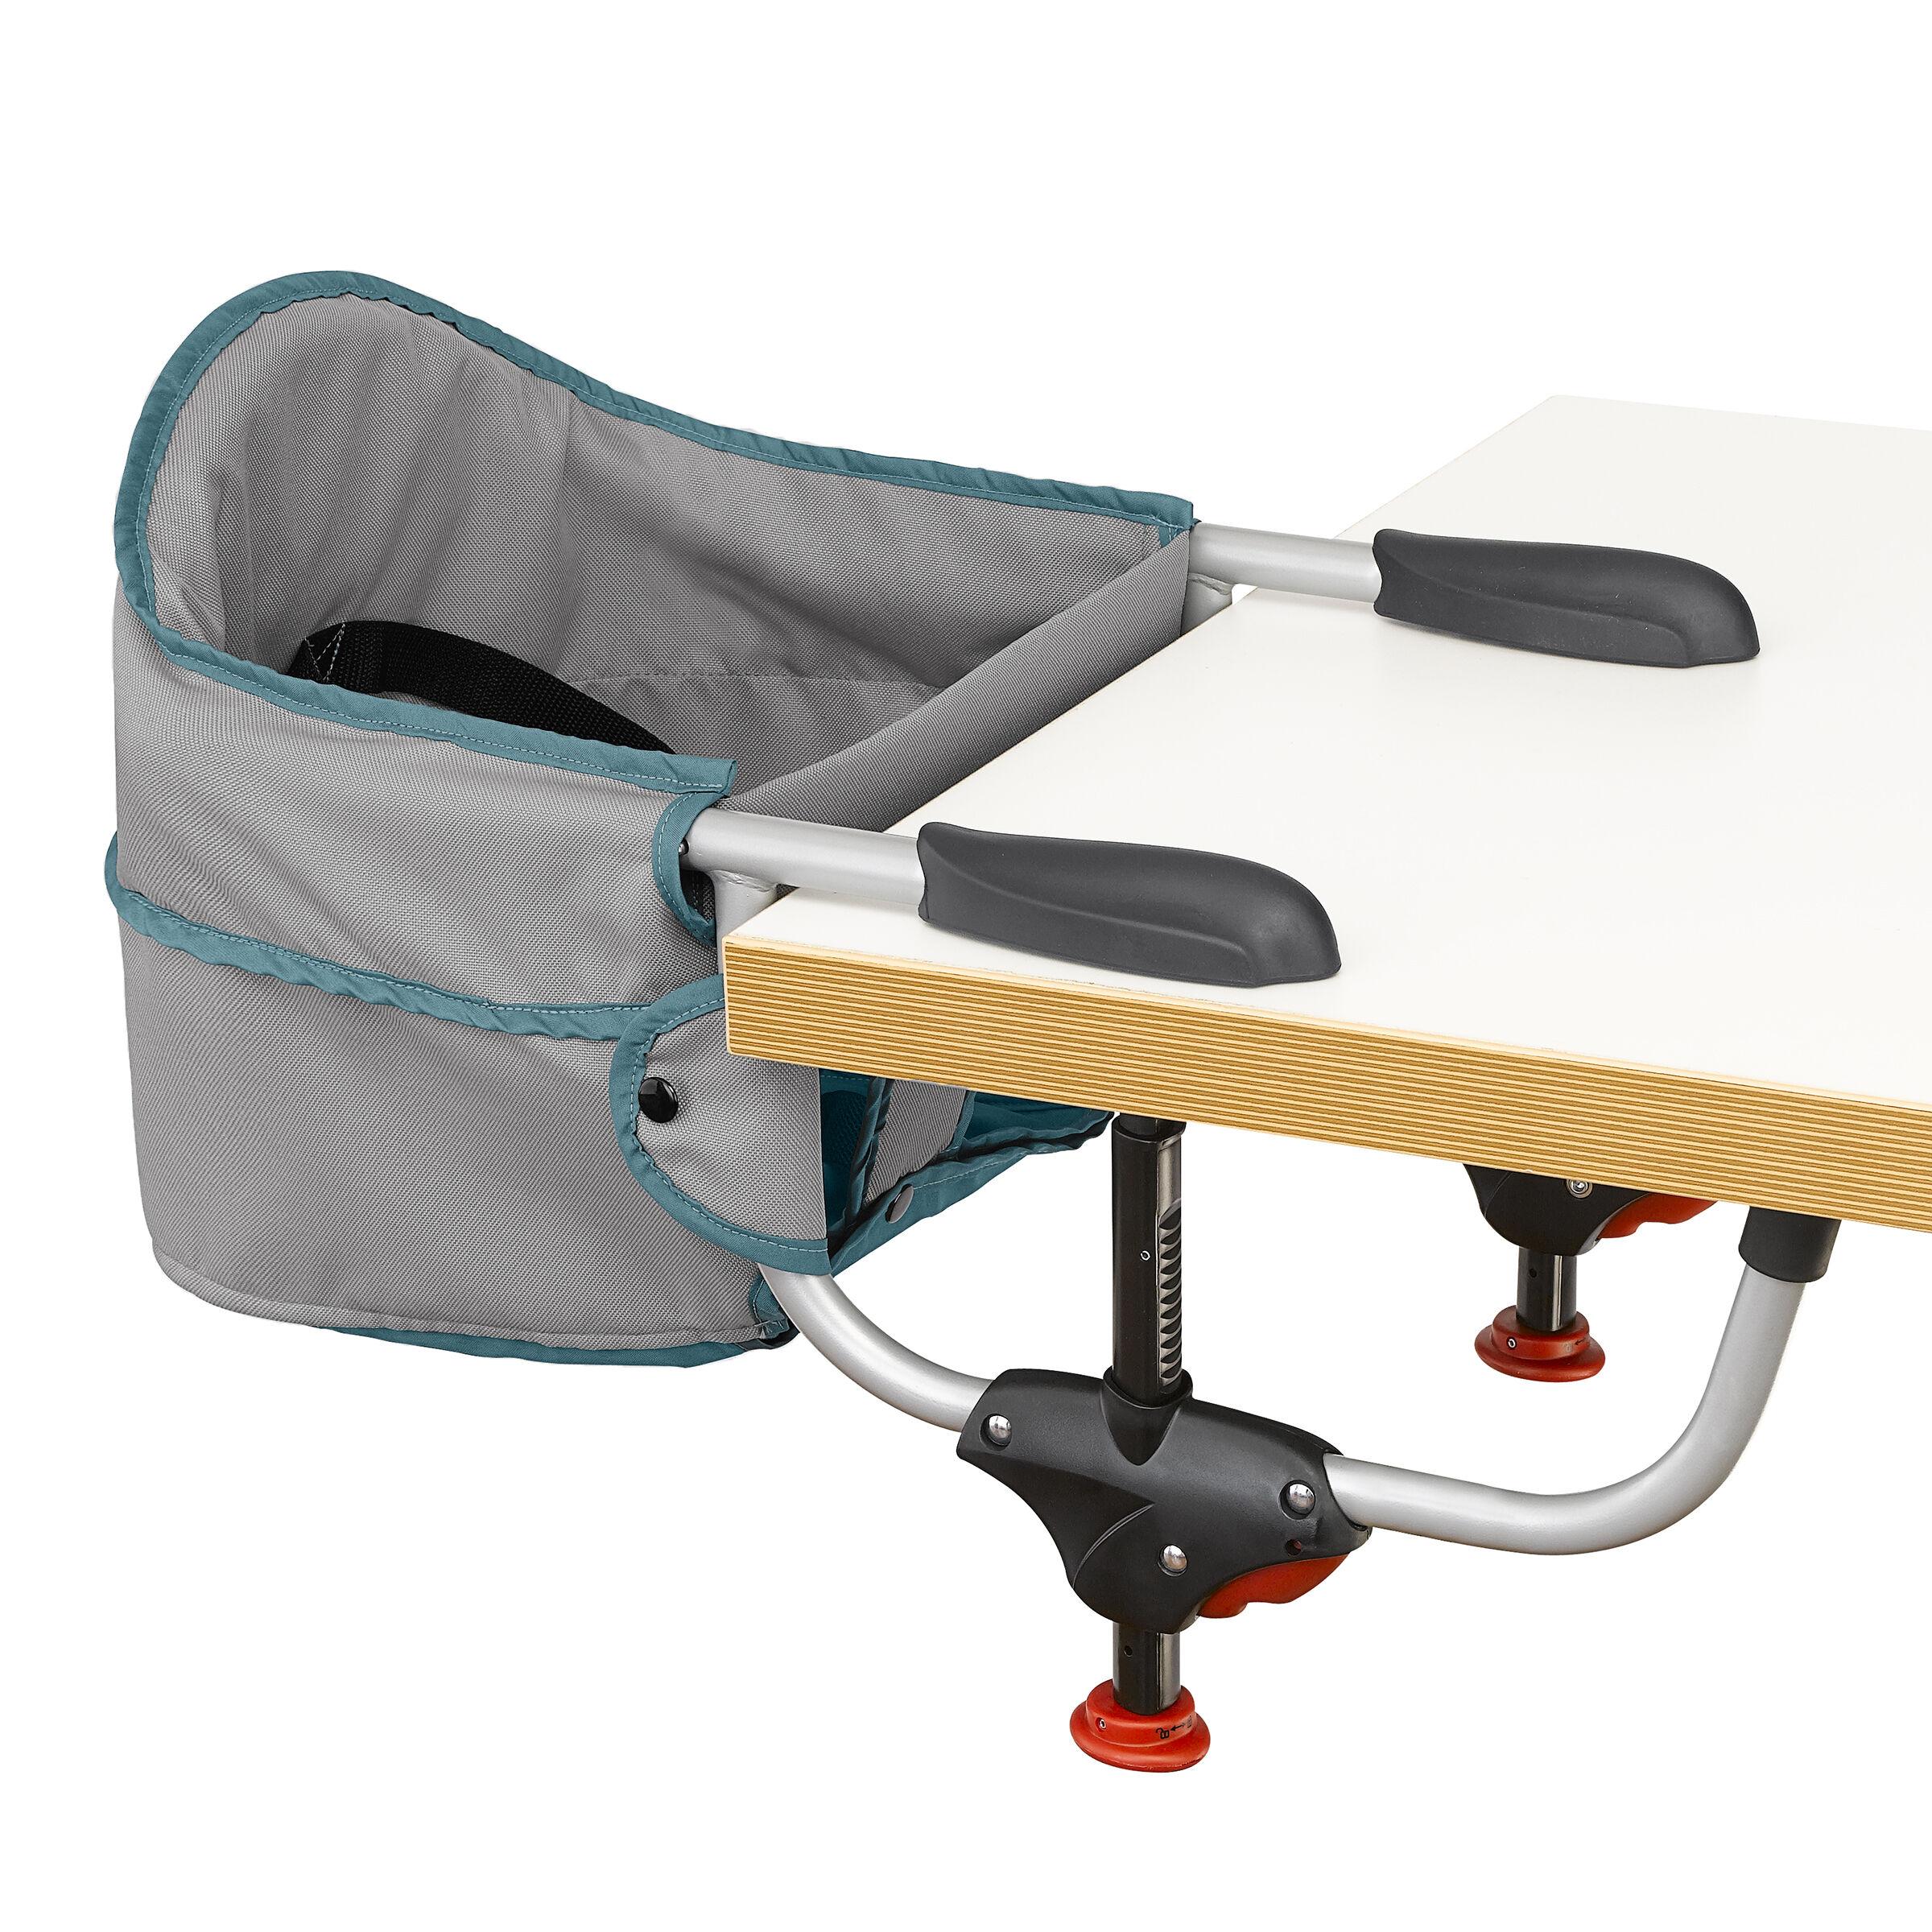 Charmant Caddy Hook On Chair   Vapor